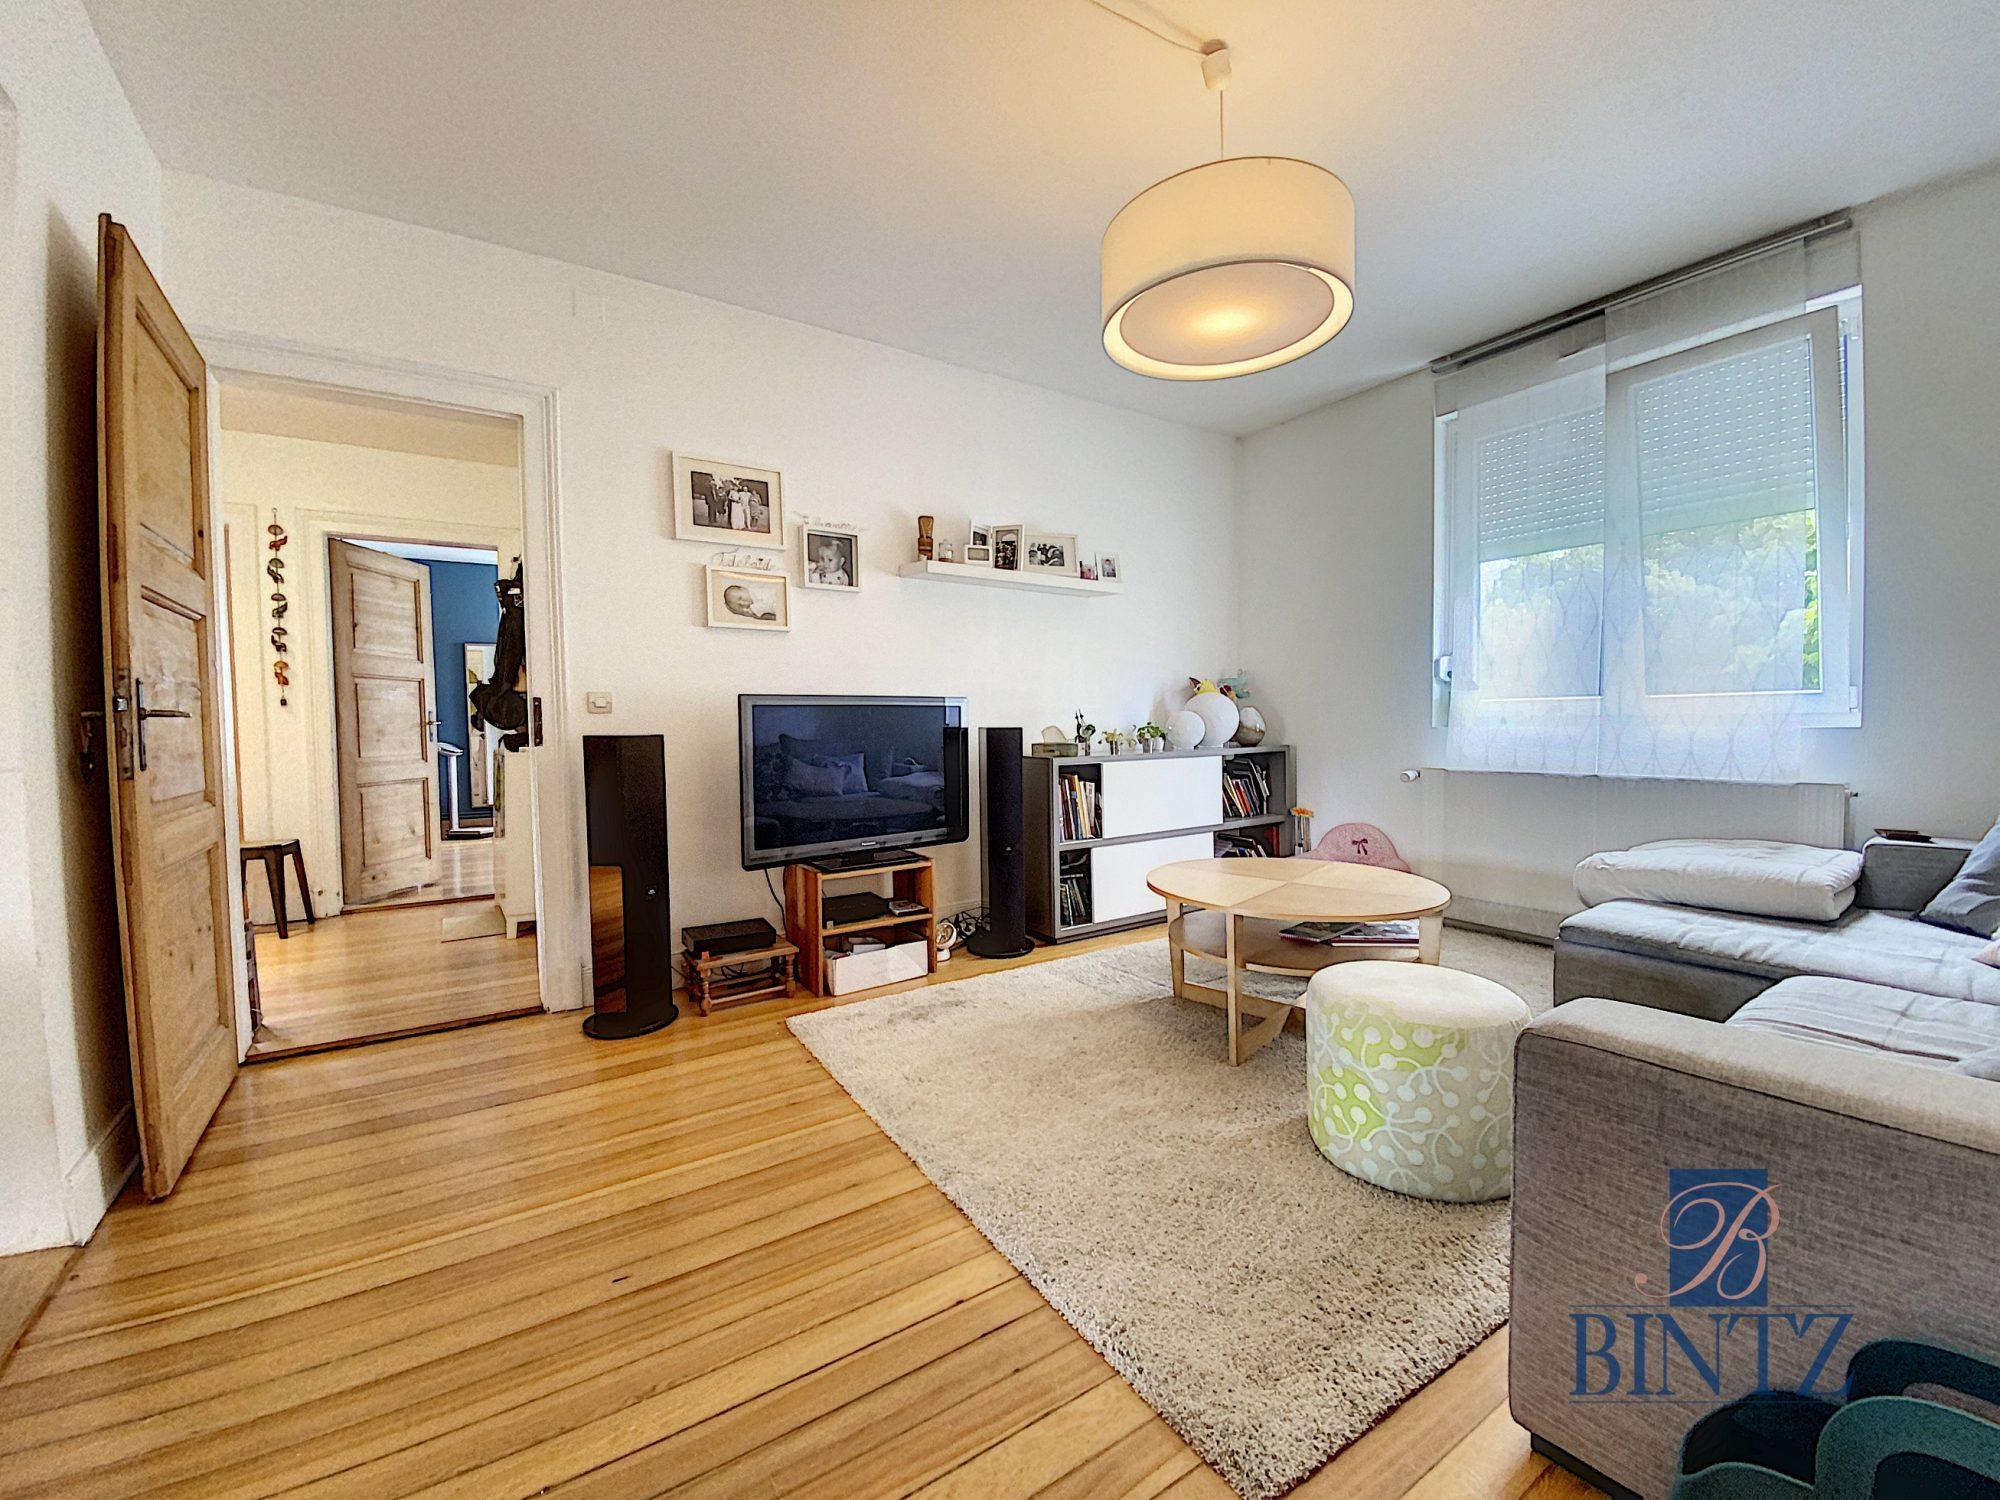 3 pièces avec terrasse à la Robertsau - Devenez propriétaire en toute confiance - Bintz Immobilier - 2